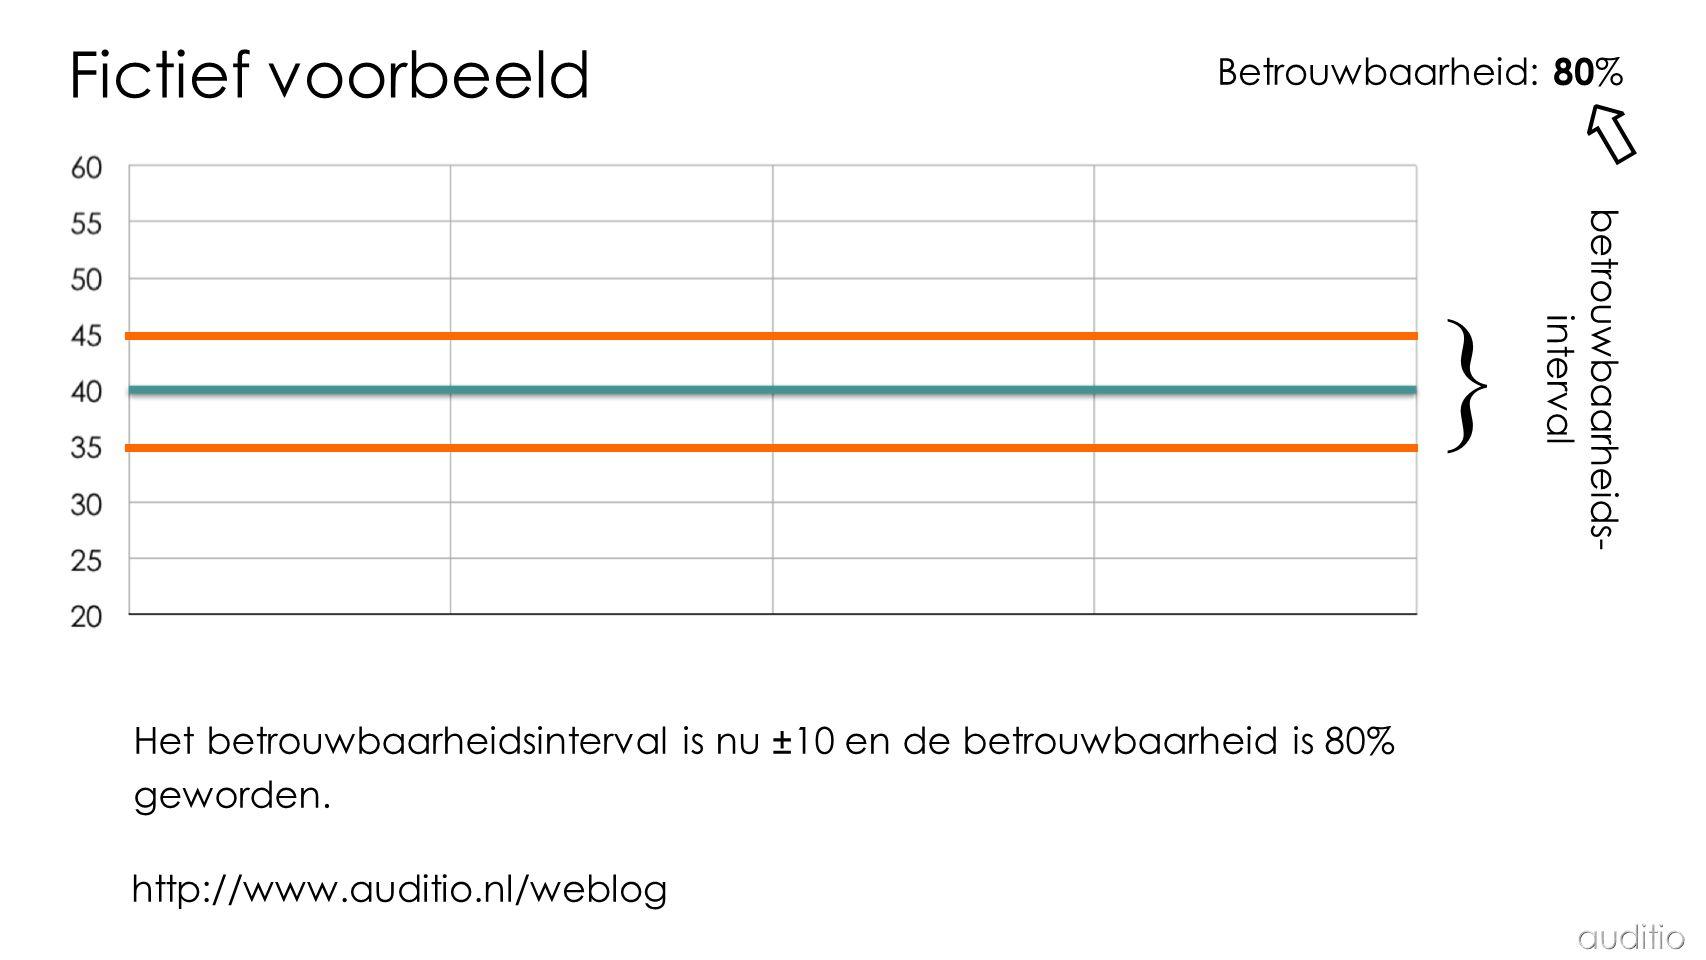 Betrouwbaarheid: 80 % Fictief voorbeeld } betrouwbaarheids- interval Het betrouwbaarheidsinterval is nu ±10 en de betrouwbaarheid is 80% geworden.